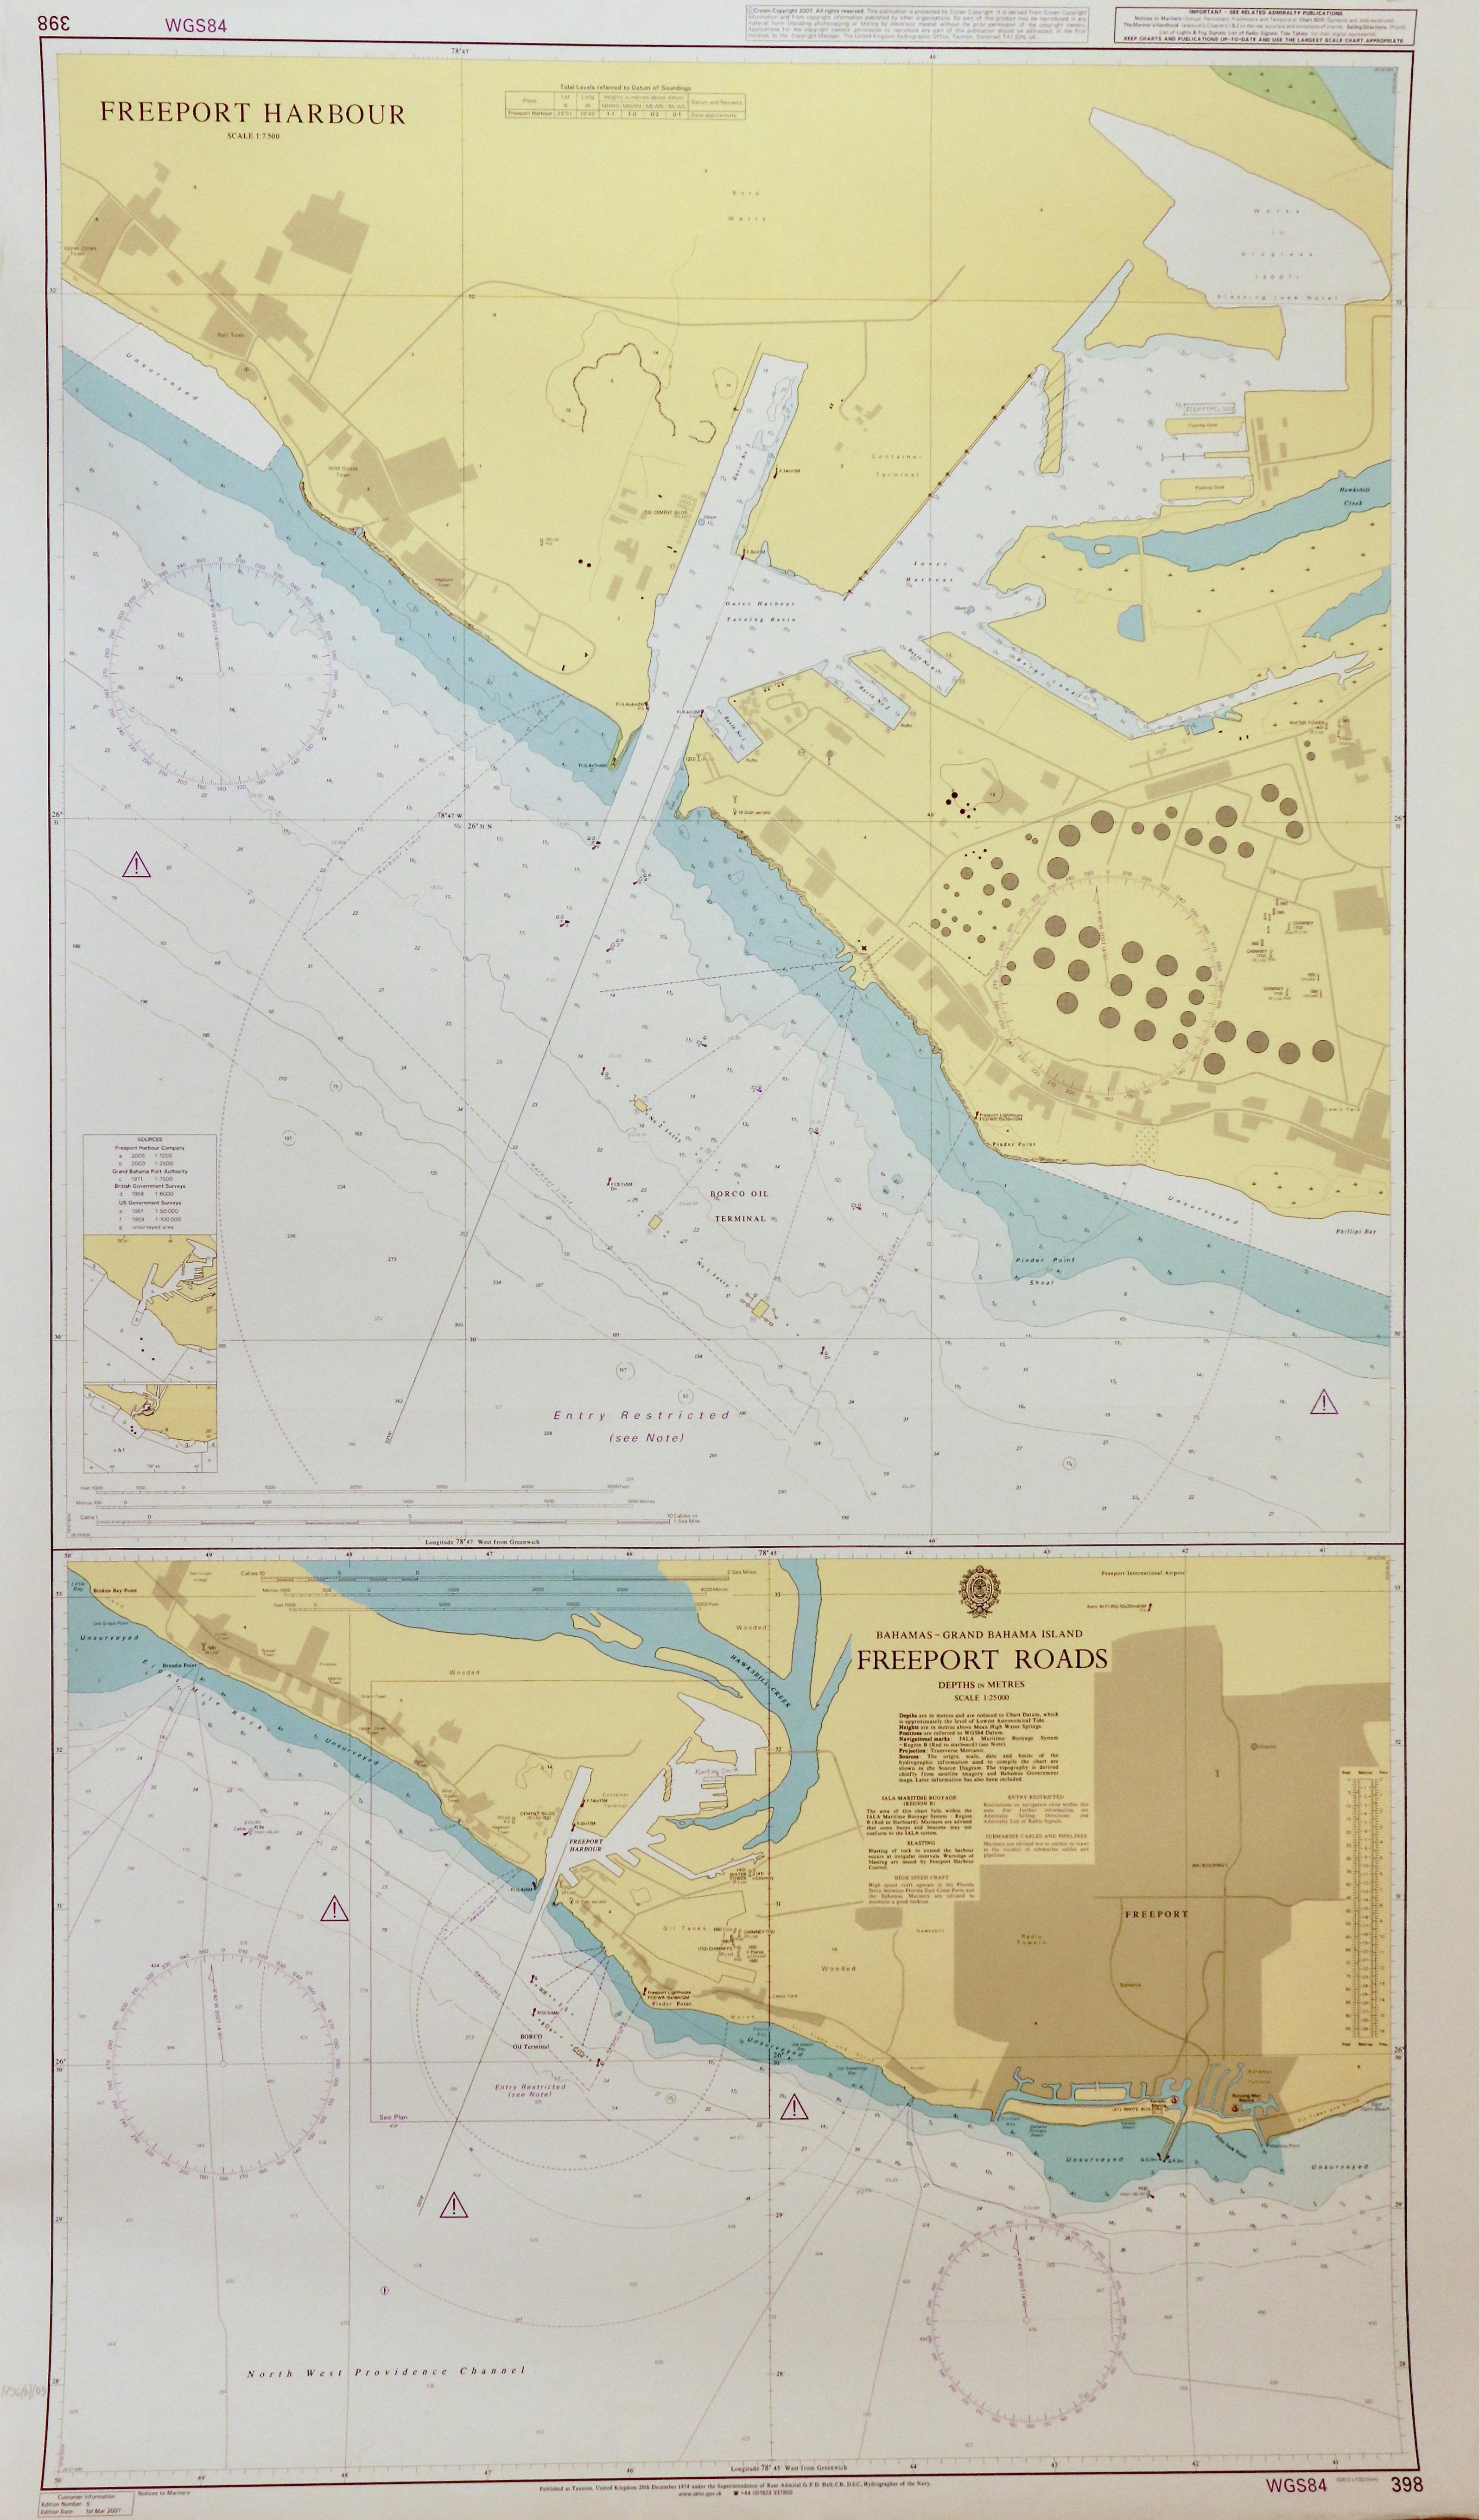 58 - Freeport Harbour